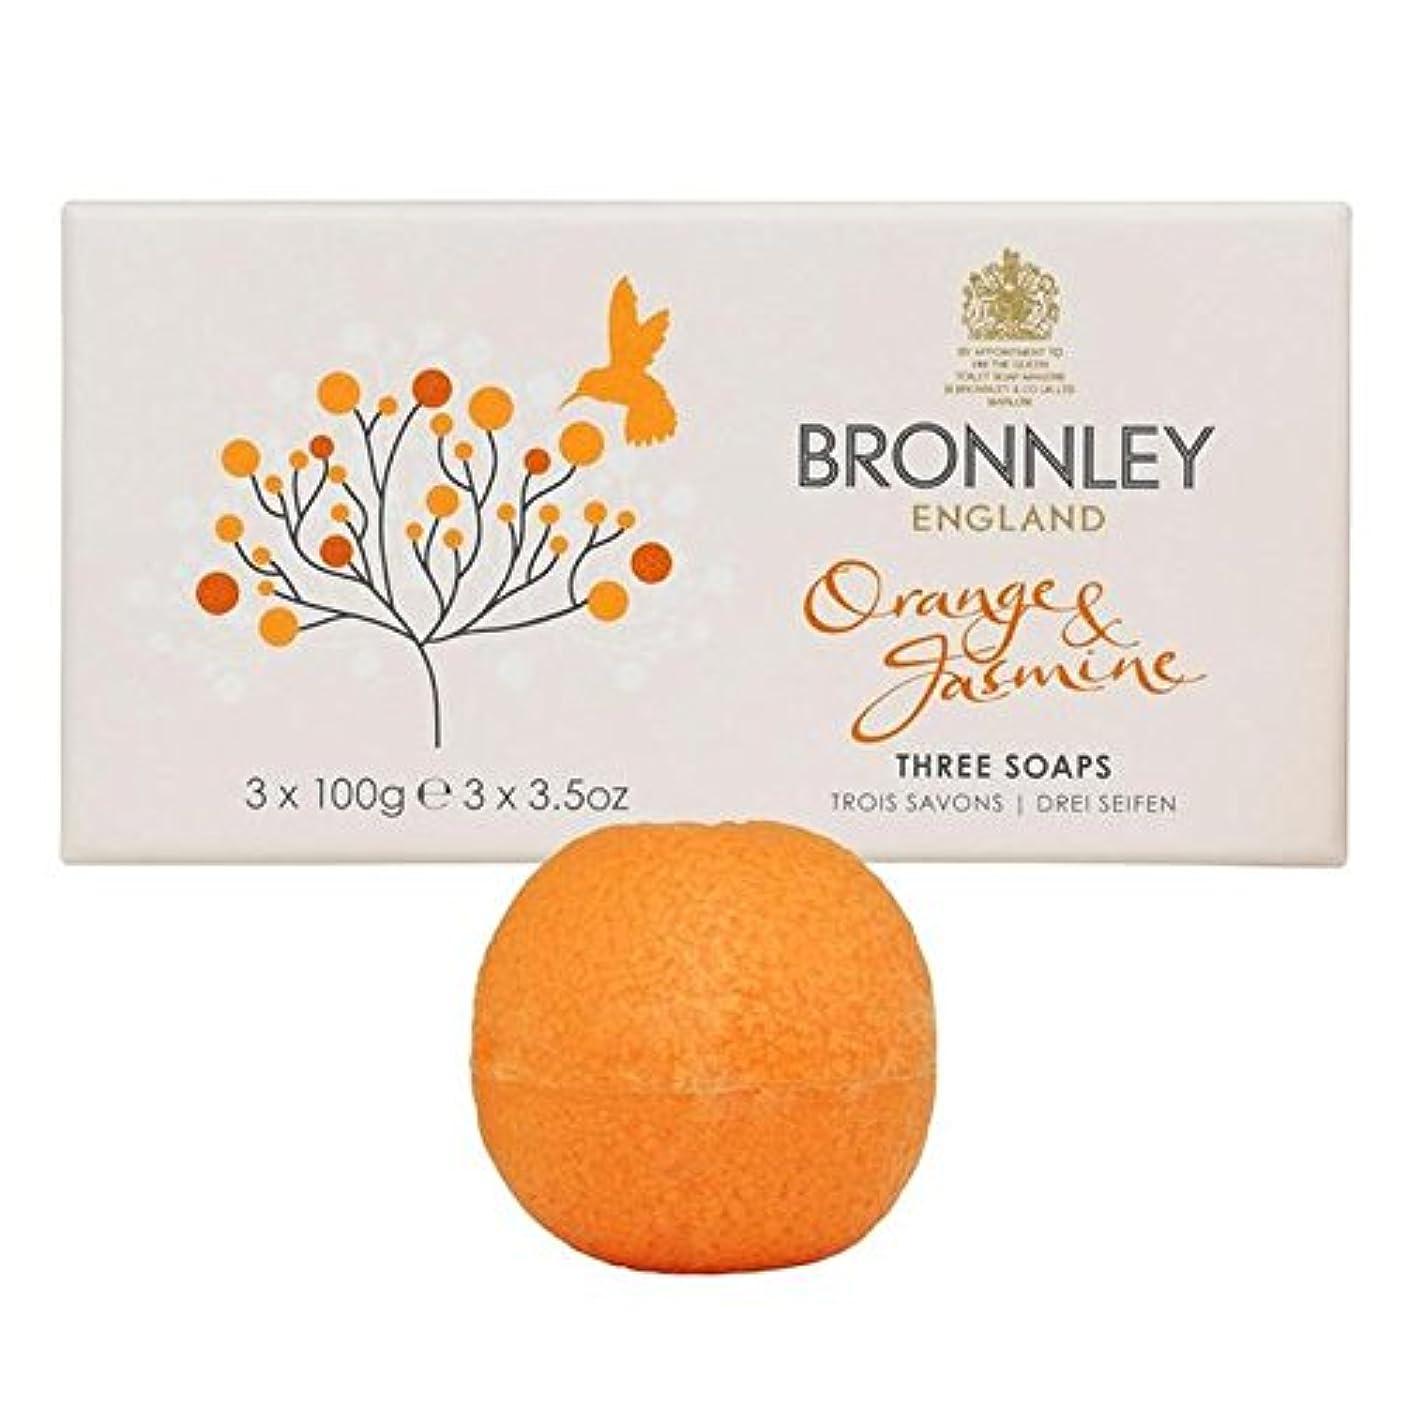 美人キロメートル普通のオレンジ&ジャスミン石鹸3×100グラム x4 - Bronnley Orange & Jasmine Soaps 3 x 100g (Pack of 4) [並行輸入品]